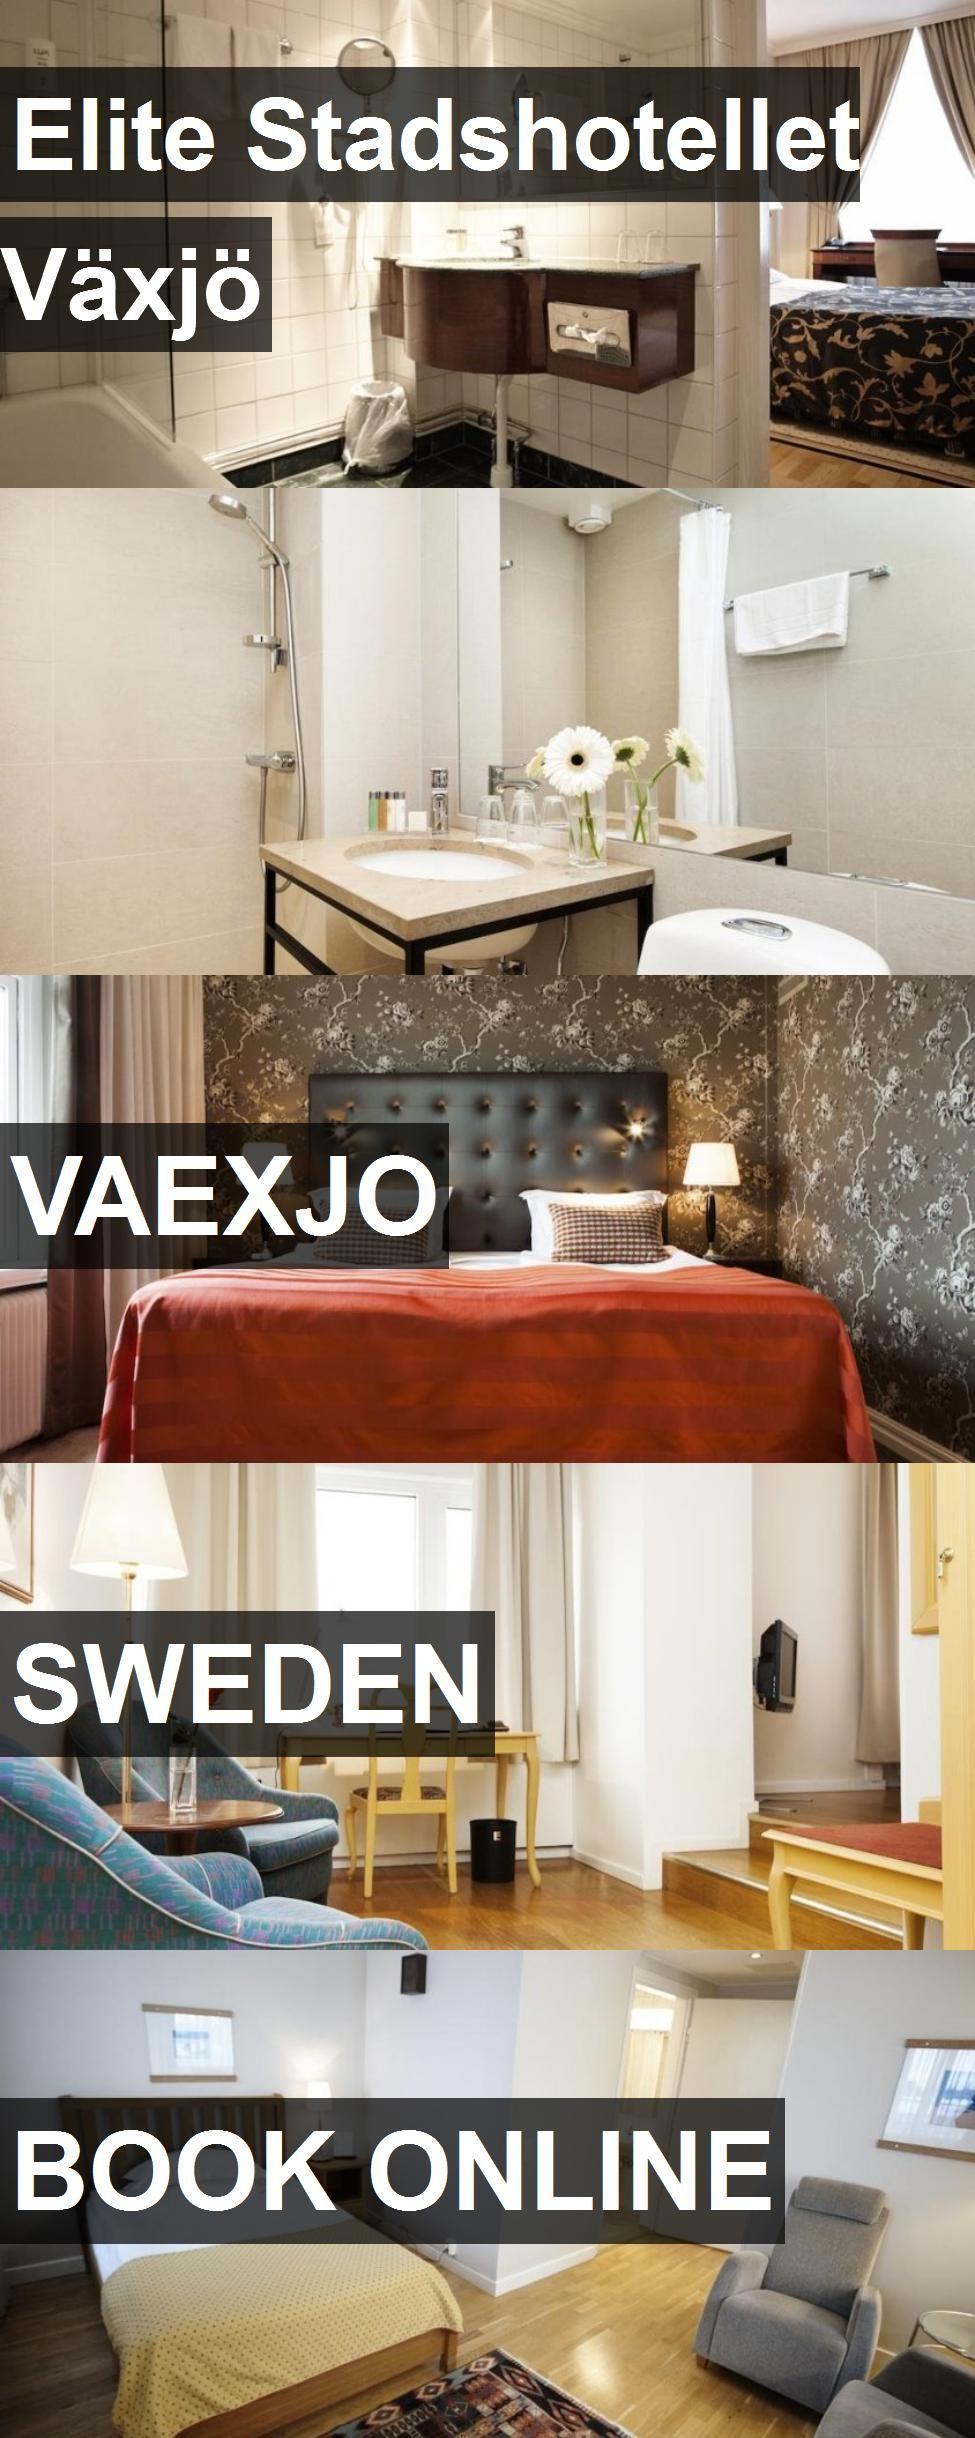 Elite Stadshotellet Växjö in Vaexjo, Sweden. For more